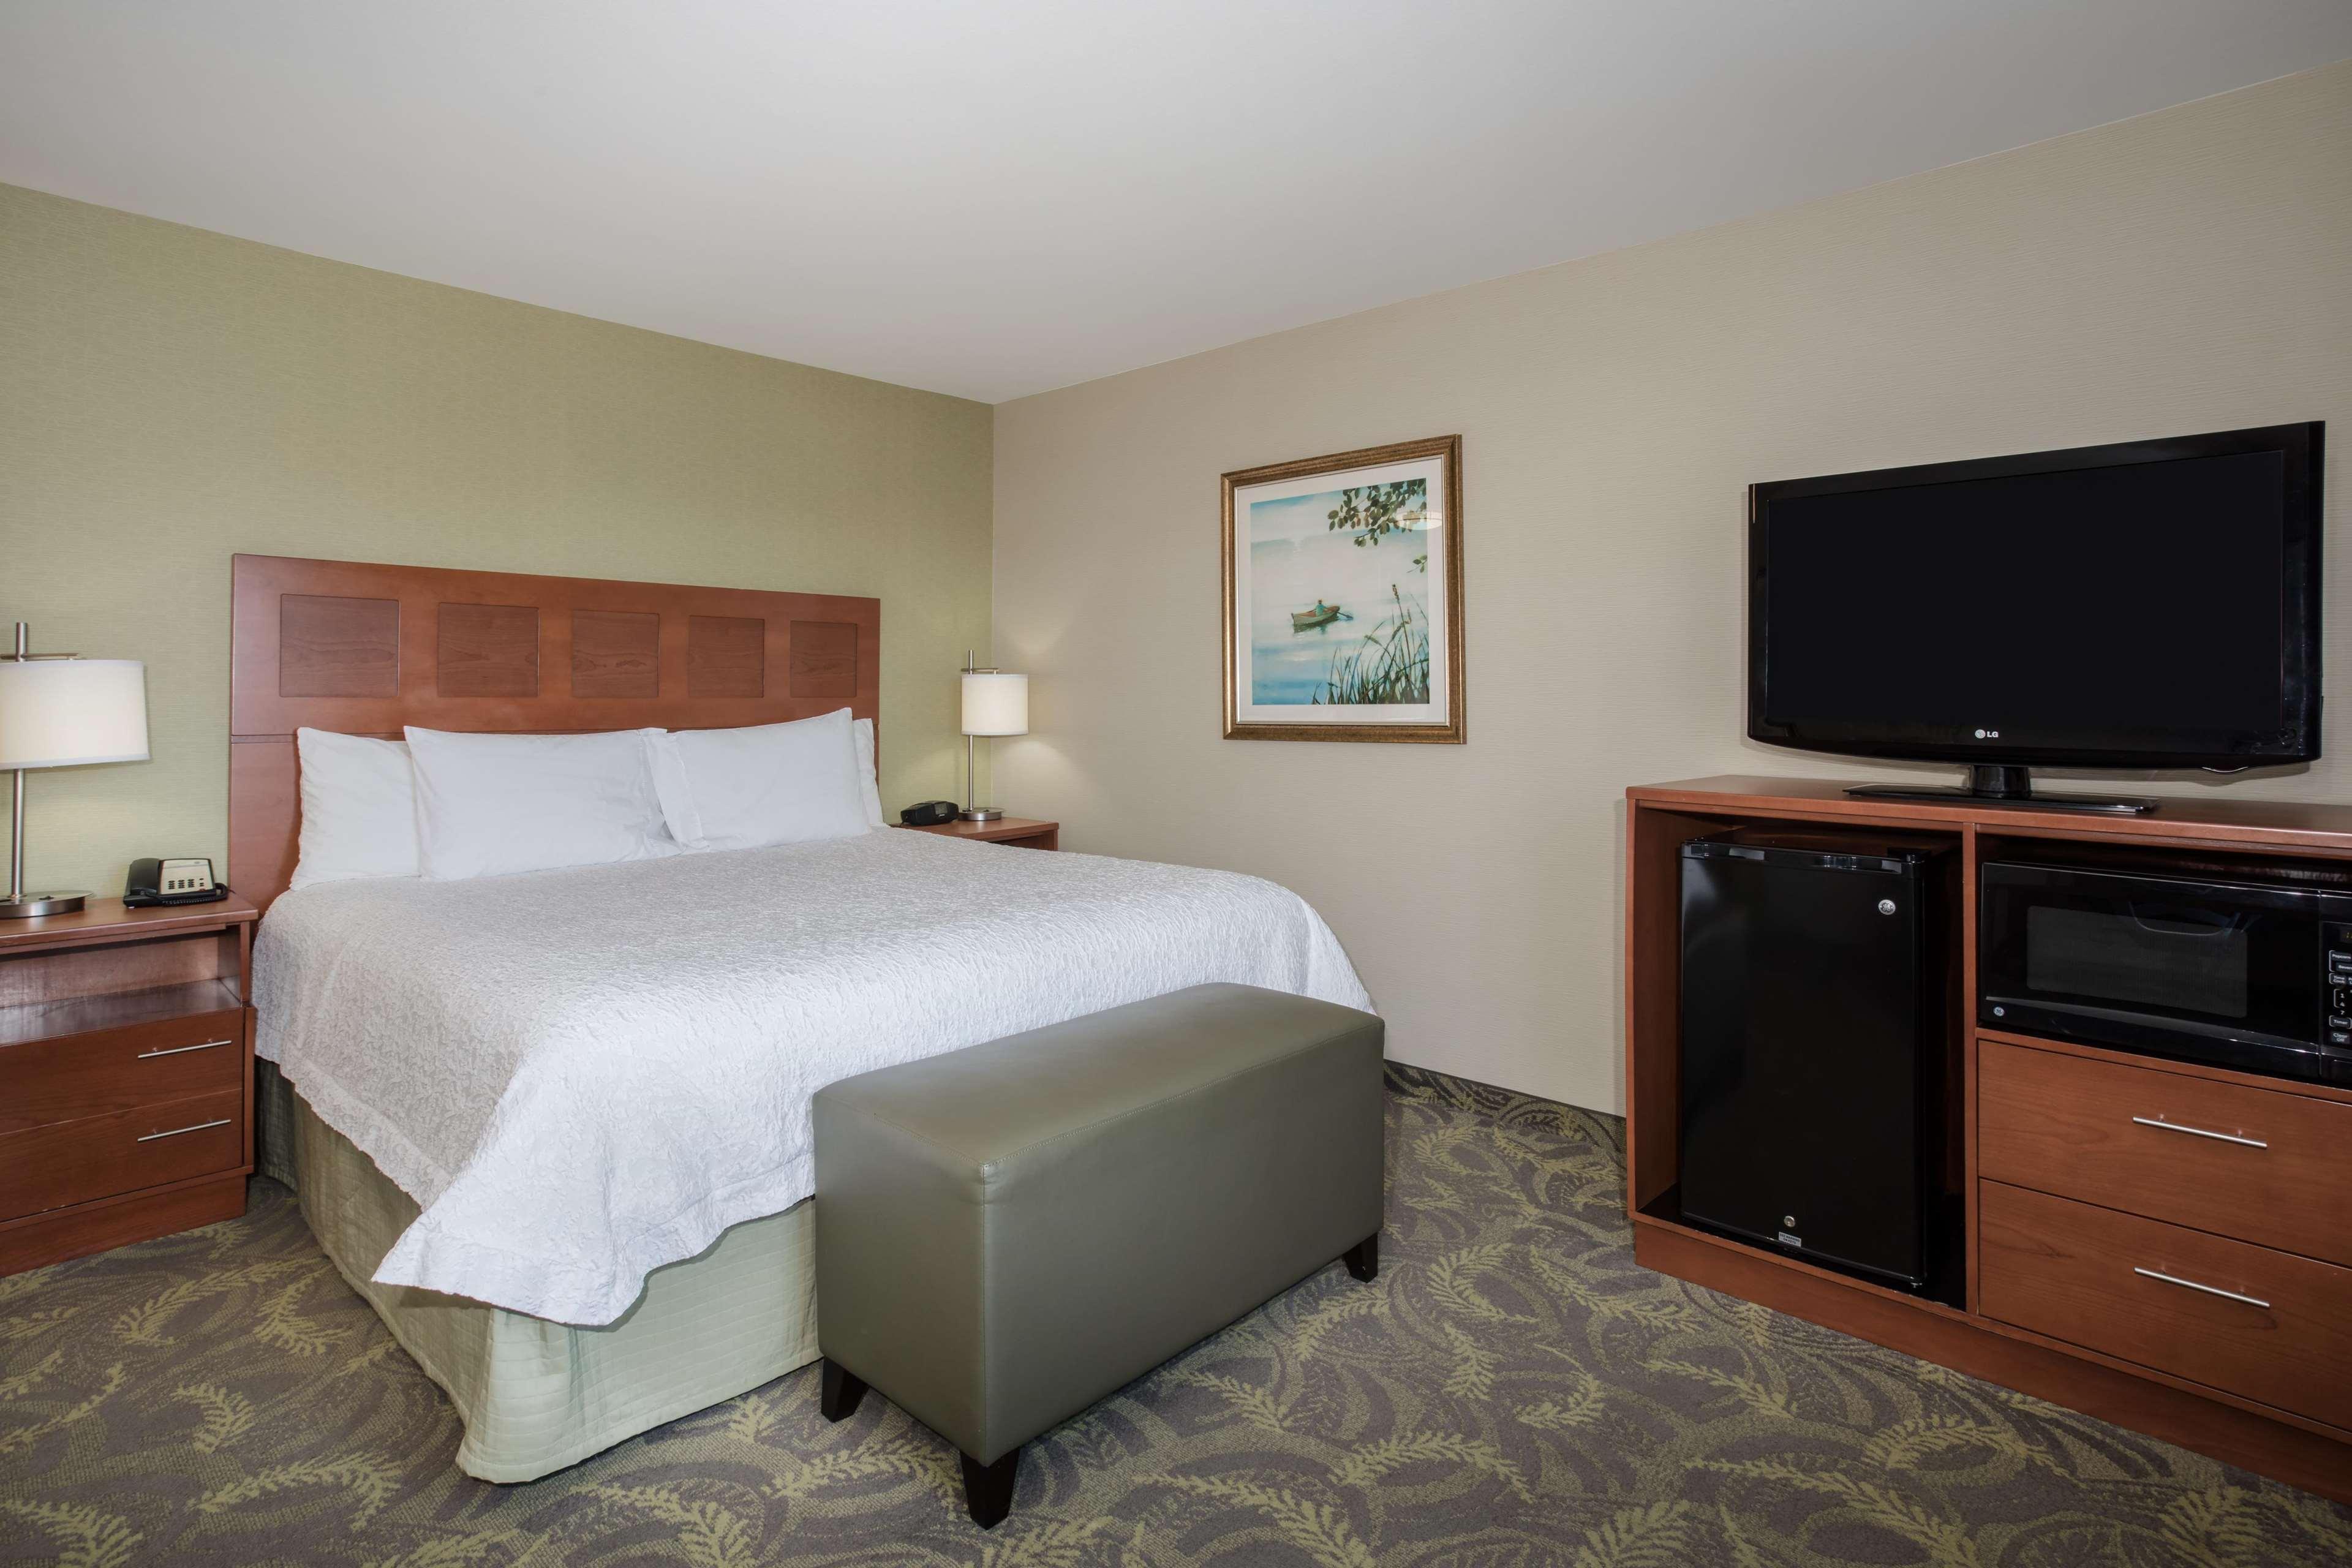 Hampton Inn & Suites Astoria image 33